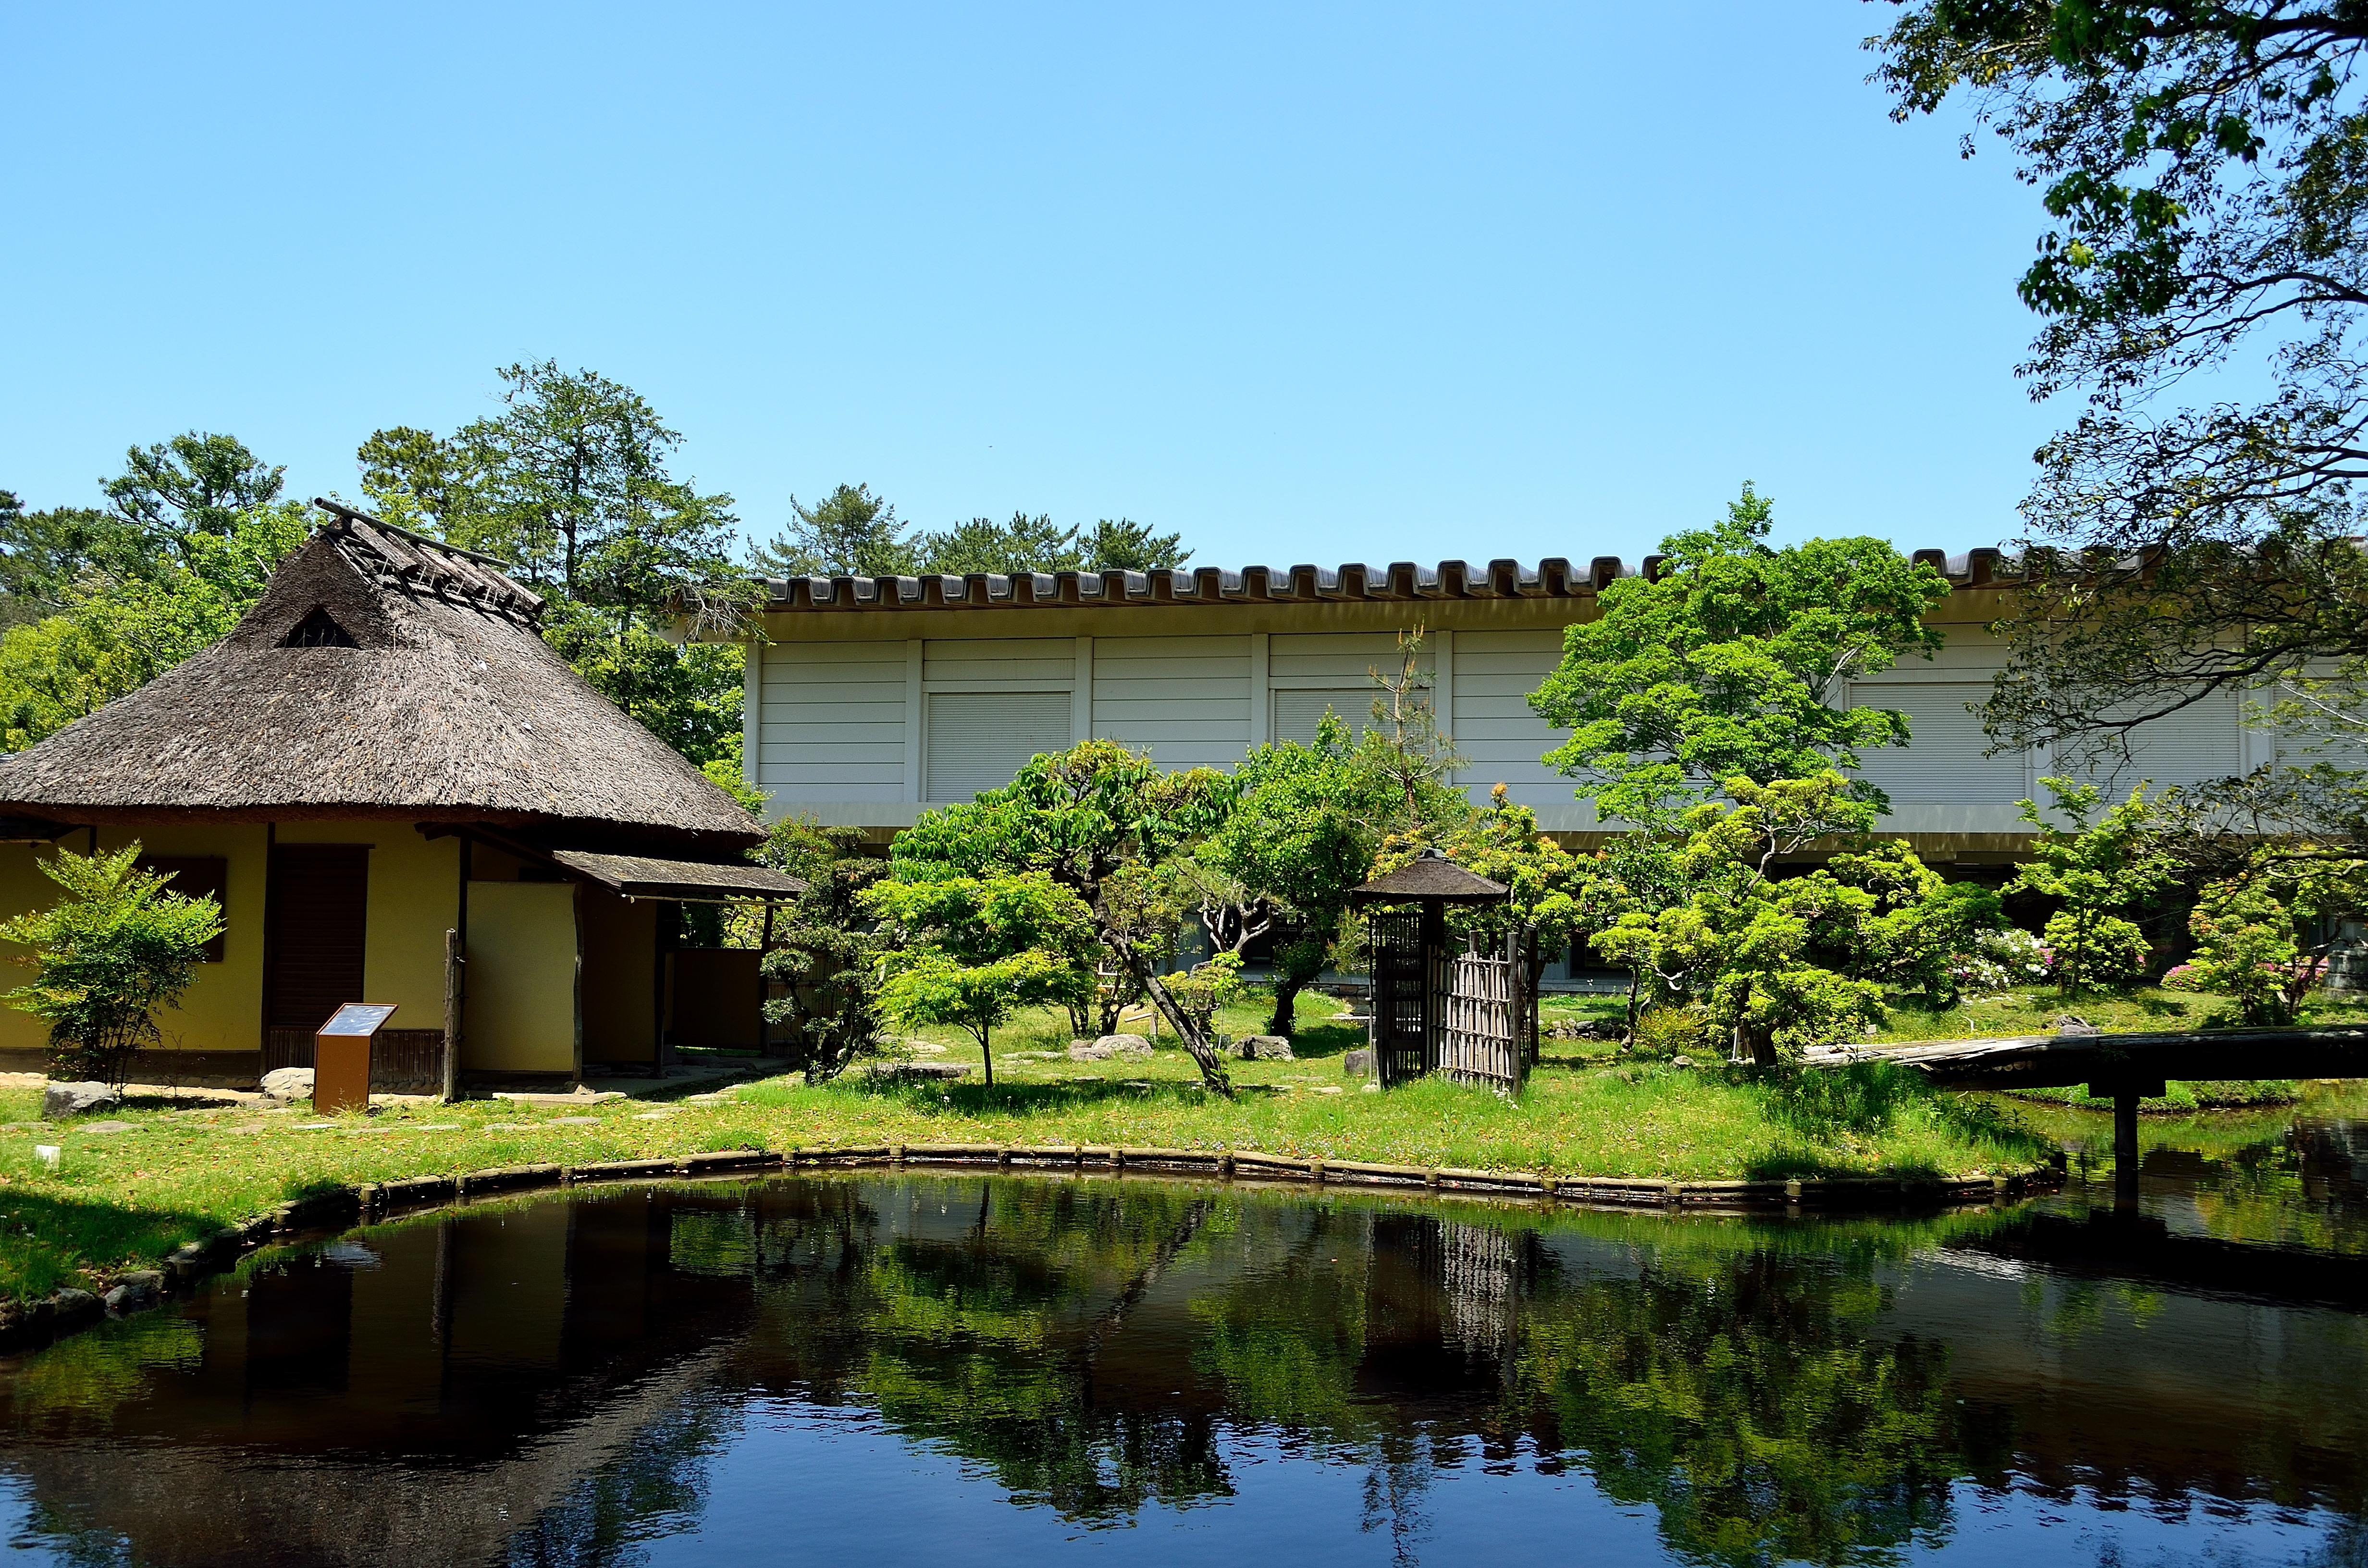 奈良国立博物館 西新館と八窓庵